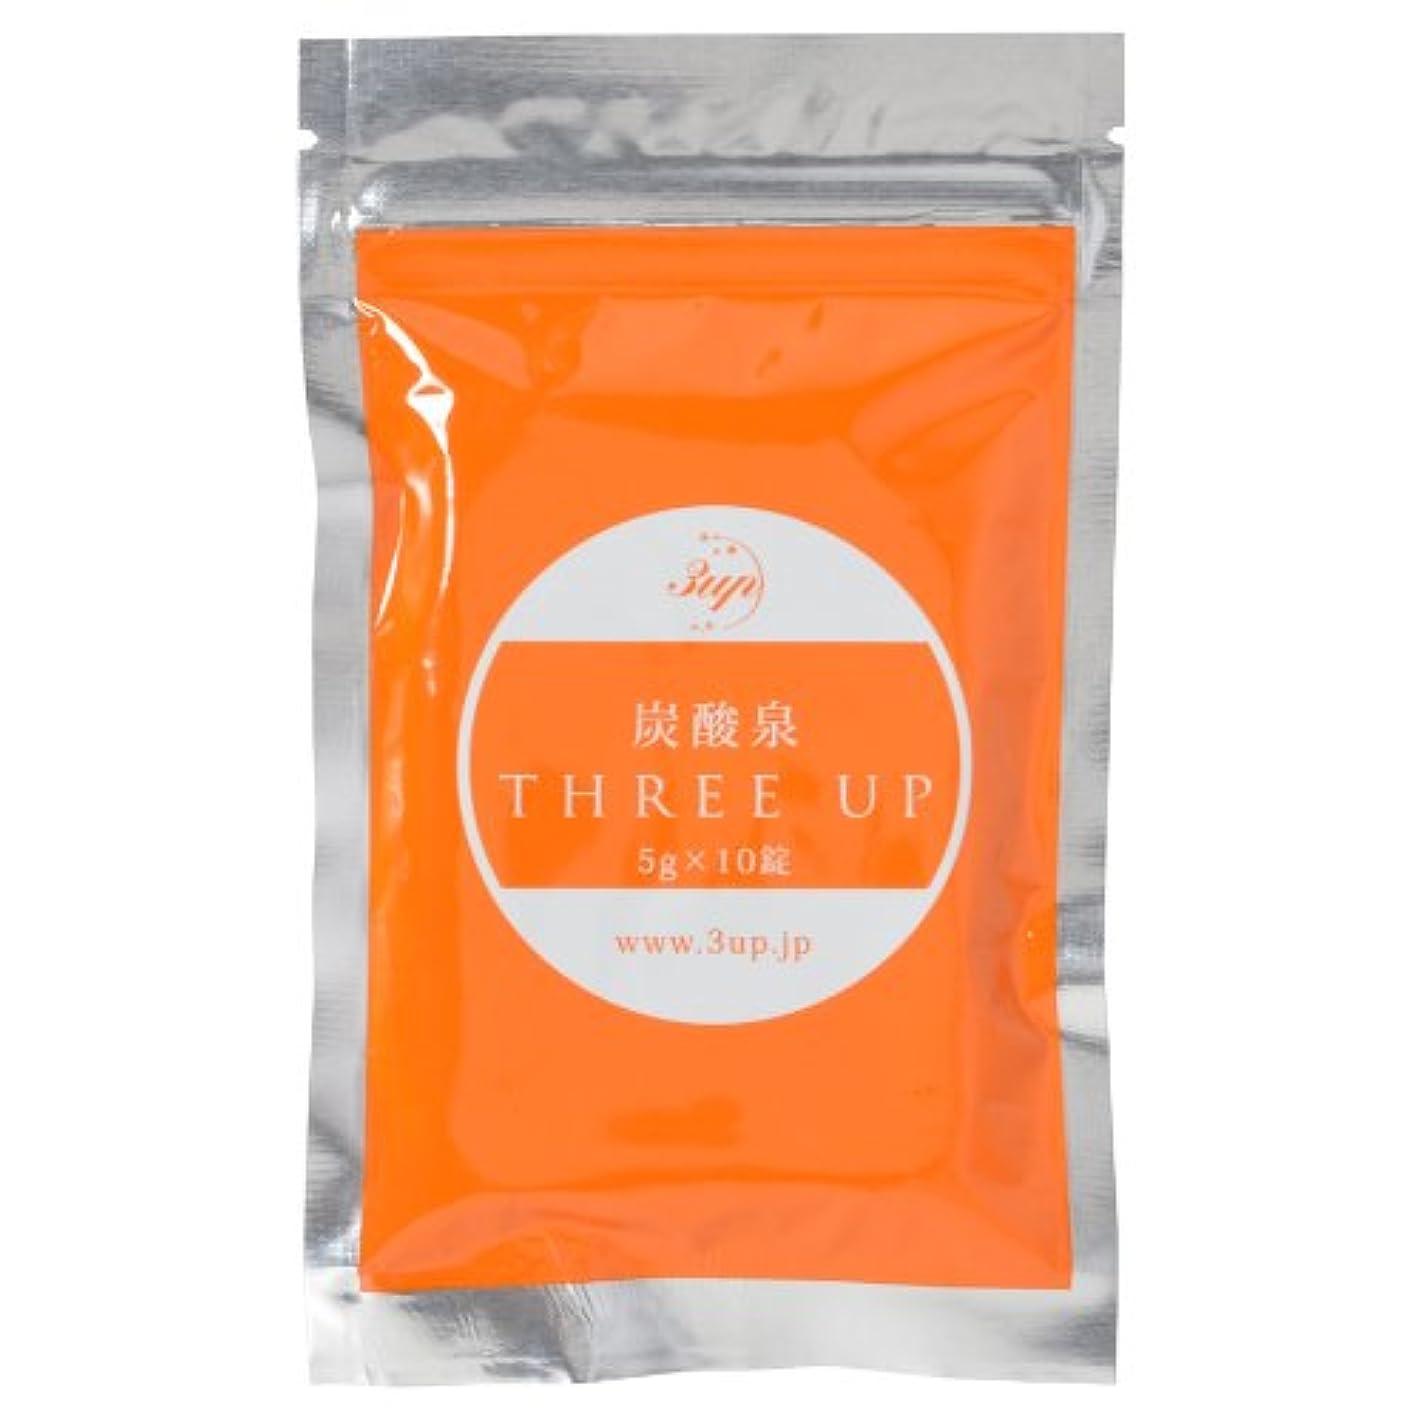 ビュッフェ脚本家日帰り旅行に3upスリーアップ 重炭酸イオンタブレット(洗顔用) 1袋:5g×10錠